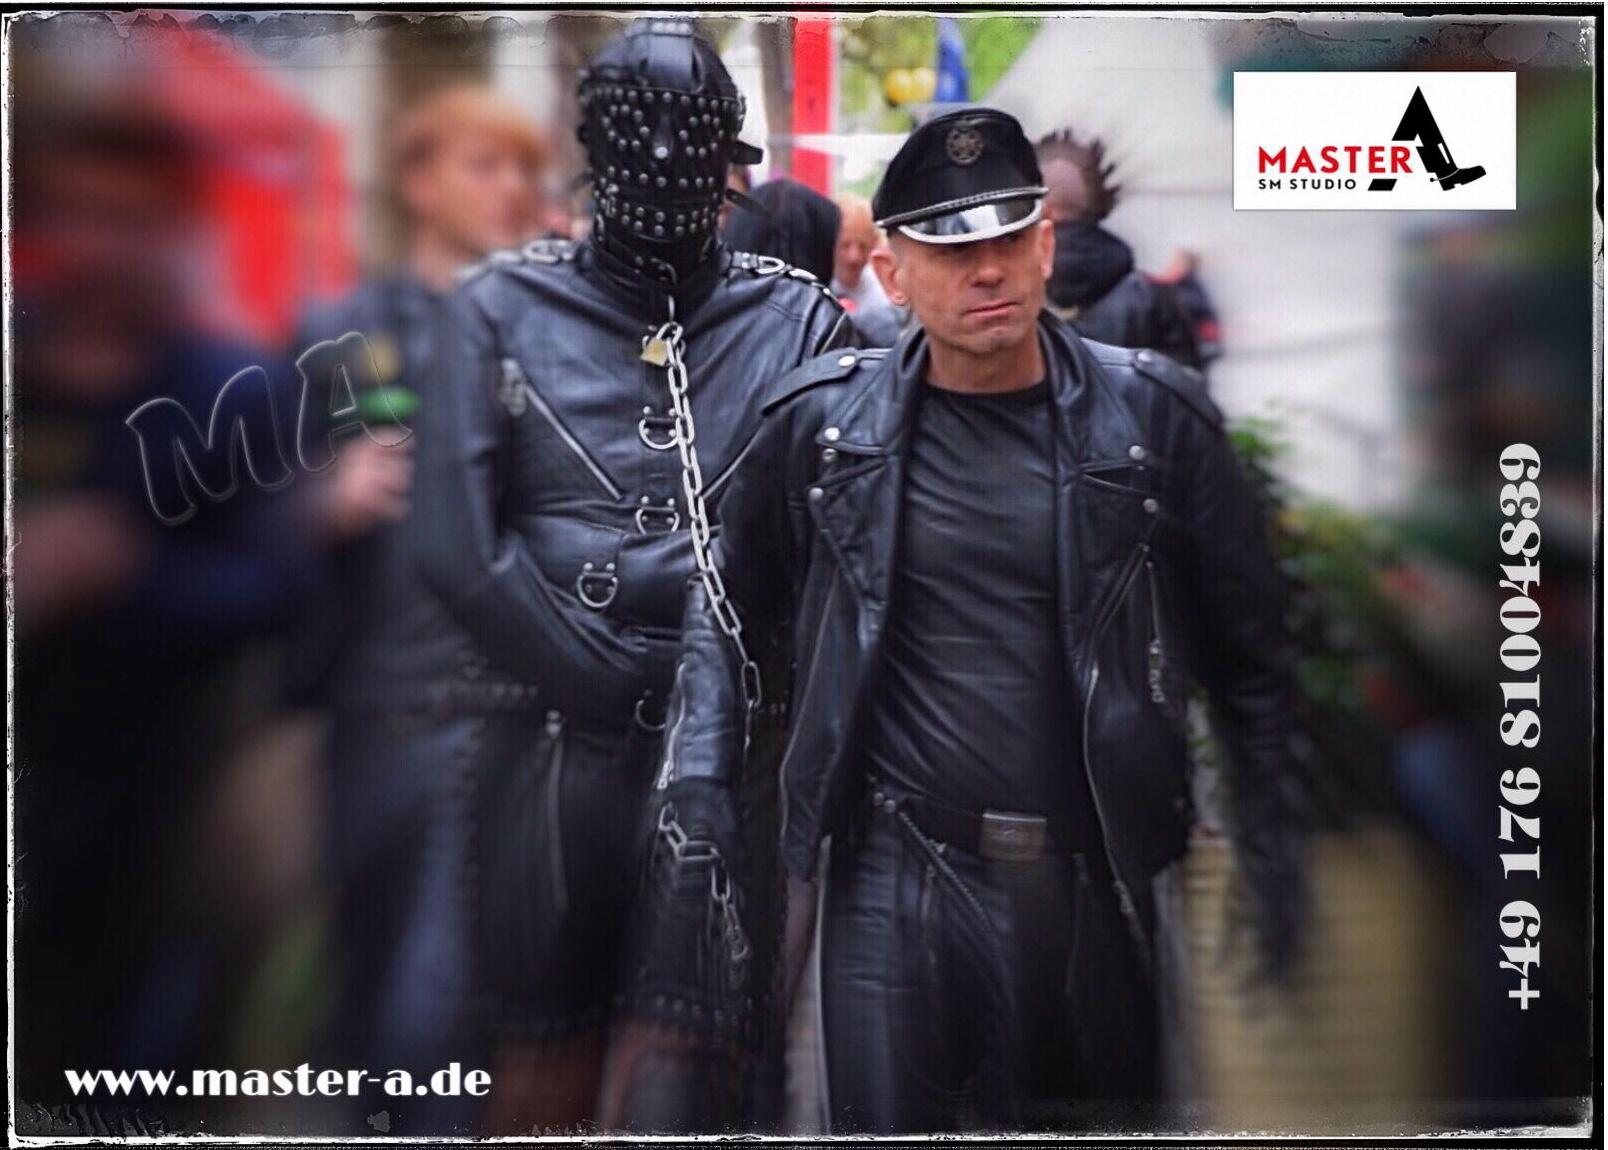 Sklave Sucht Master